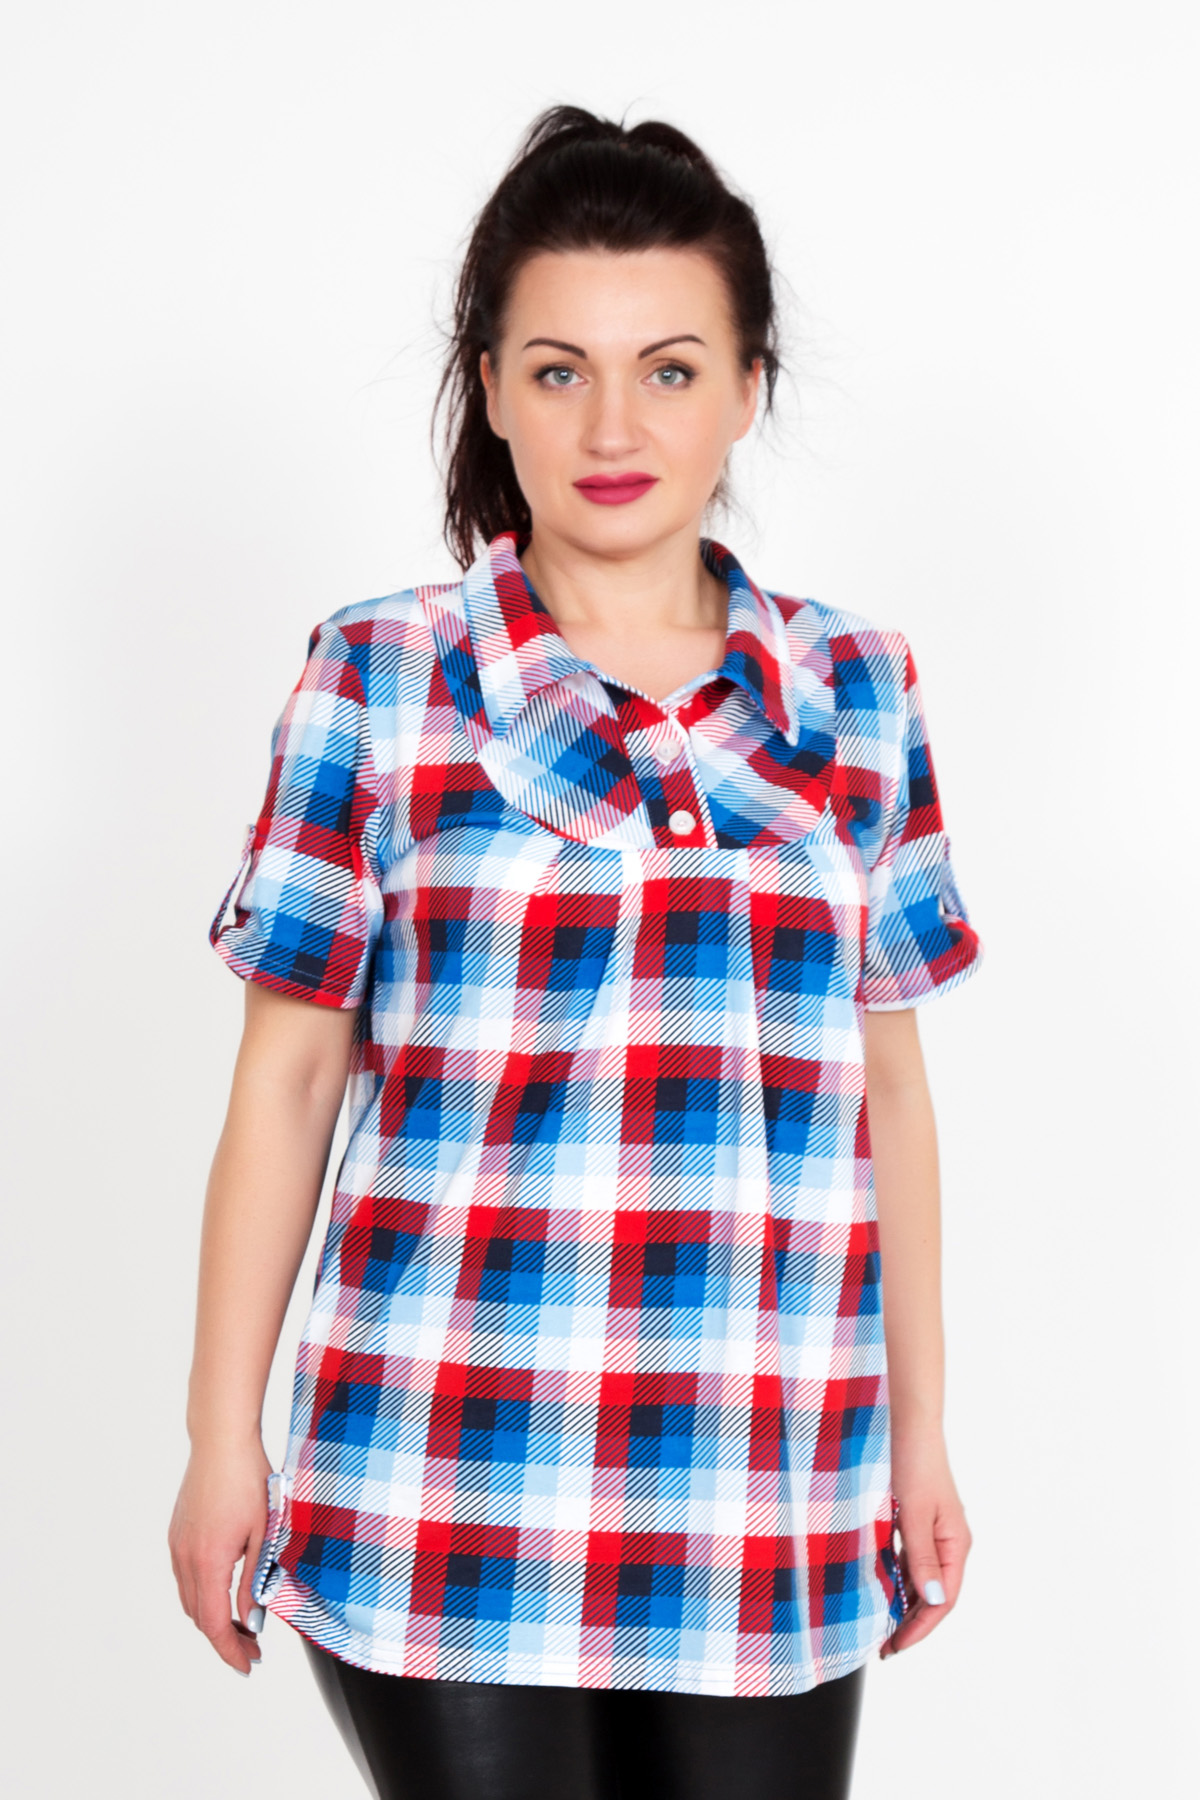 Жен. блуза Юнона Красный р. 56Акции<br>Обхват груди: 112 см <br>Обхват талии: 92 см <br>Обхват бедер: 120 см <br>Длина по спинке: 74 см <br>Рост: 167 см<br><br>Тип: Жен. блуза<br>Размер: 56<br>Материал: Кулирка